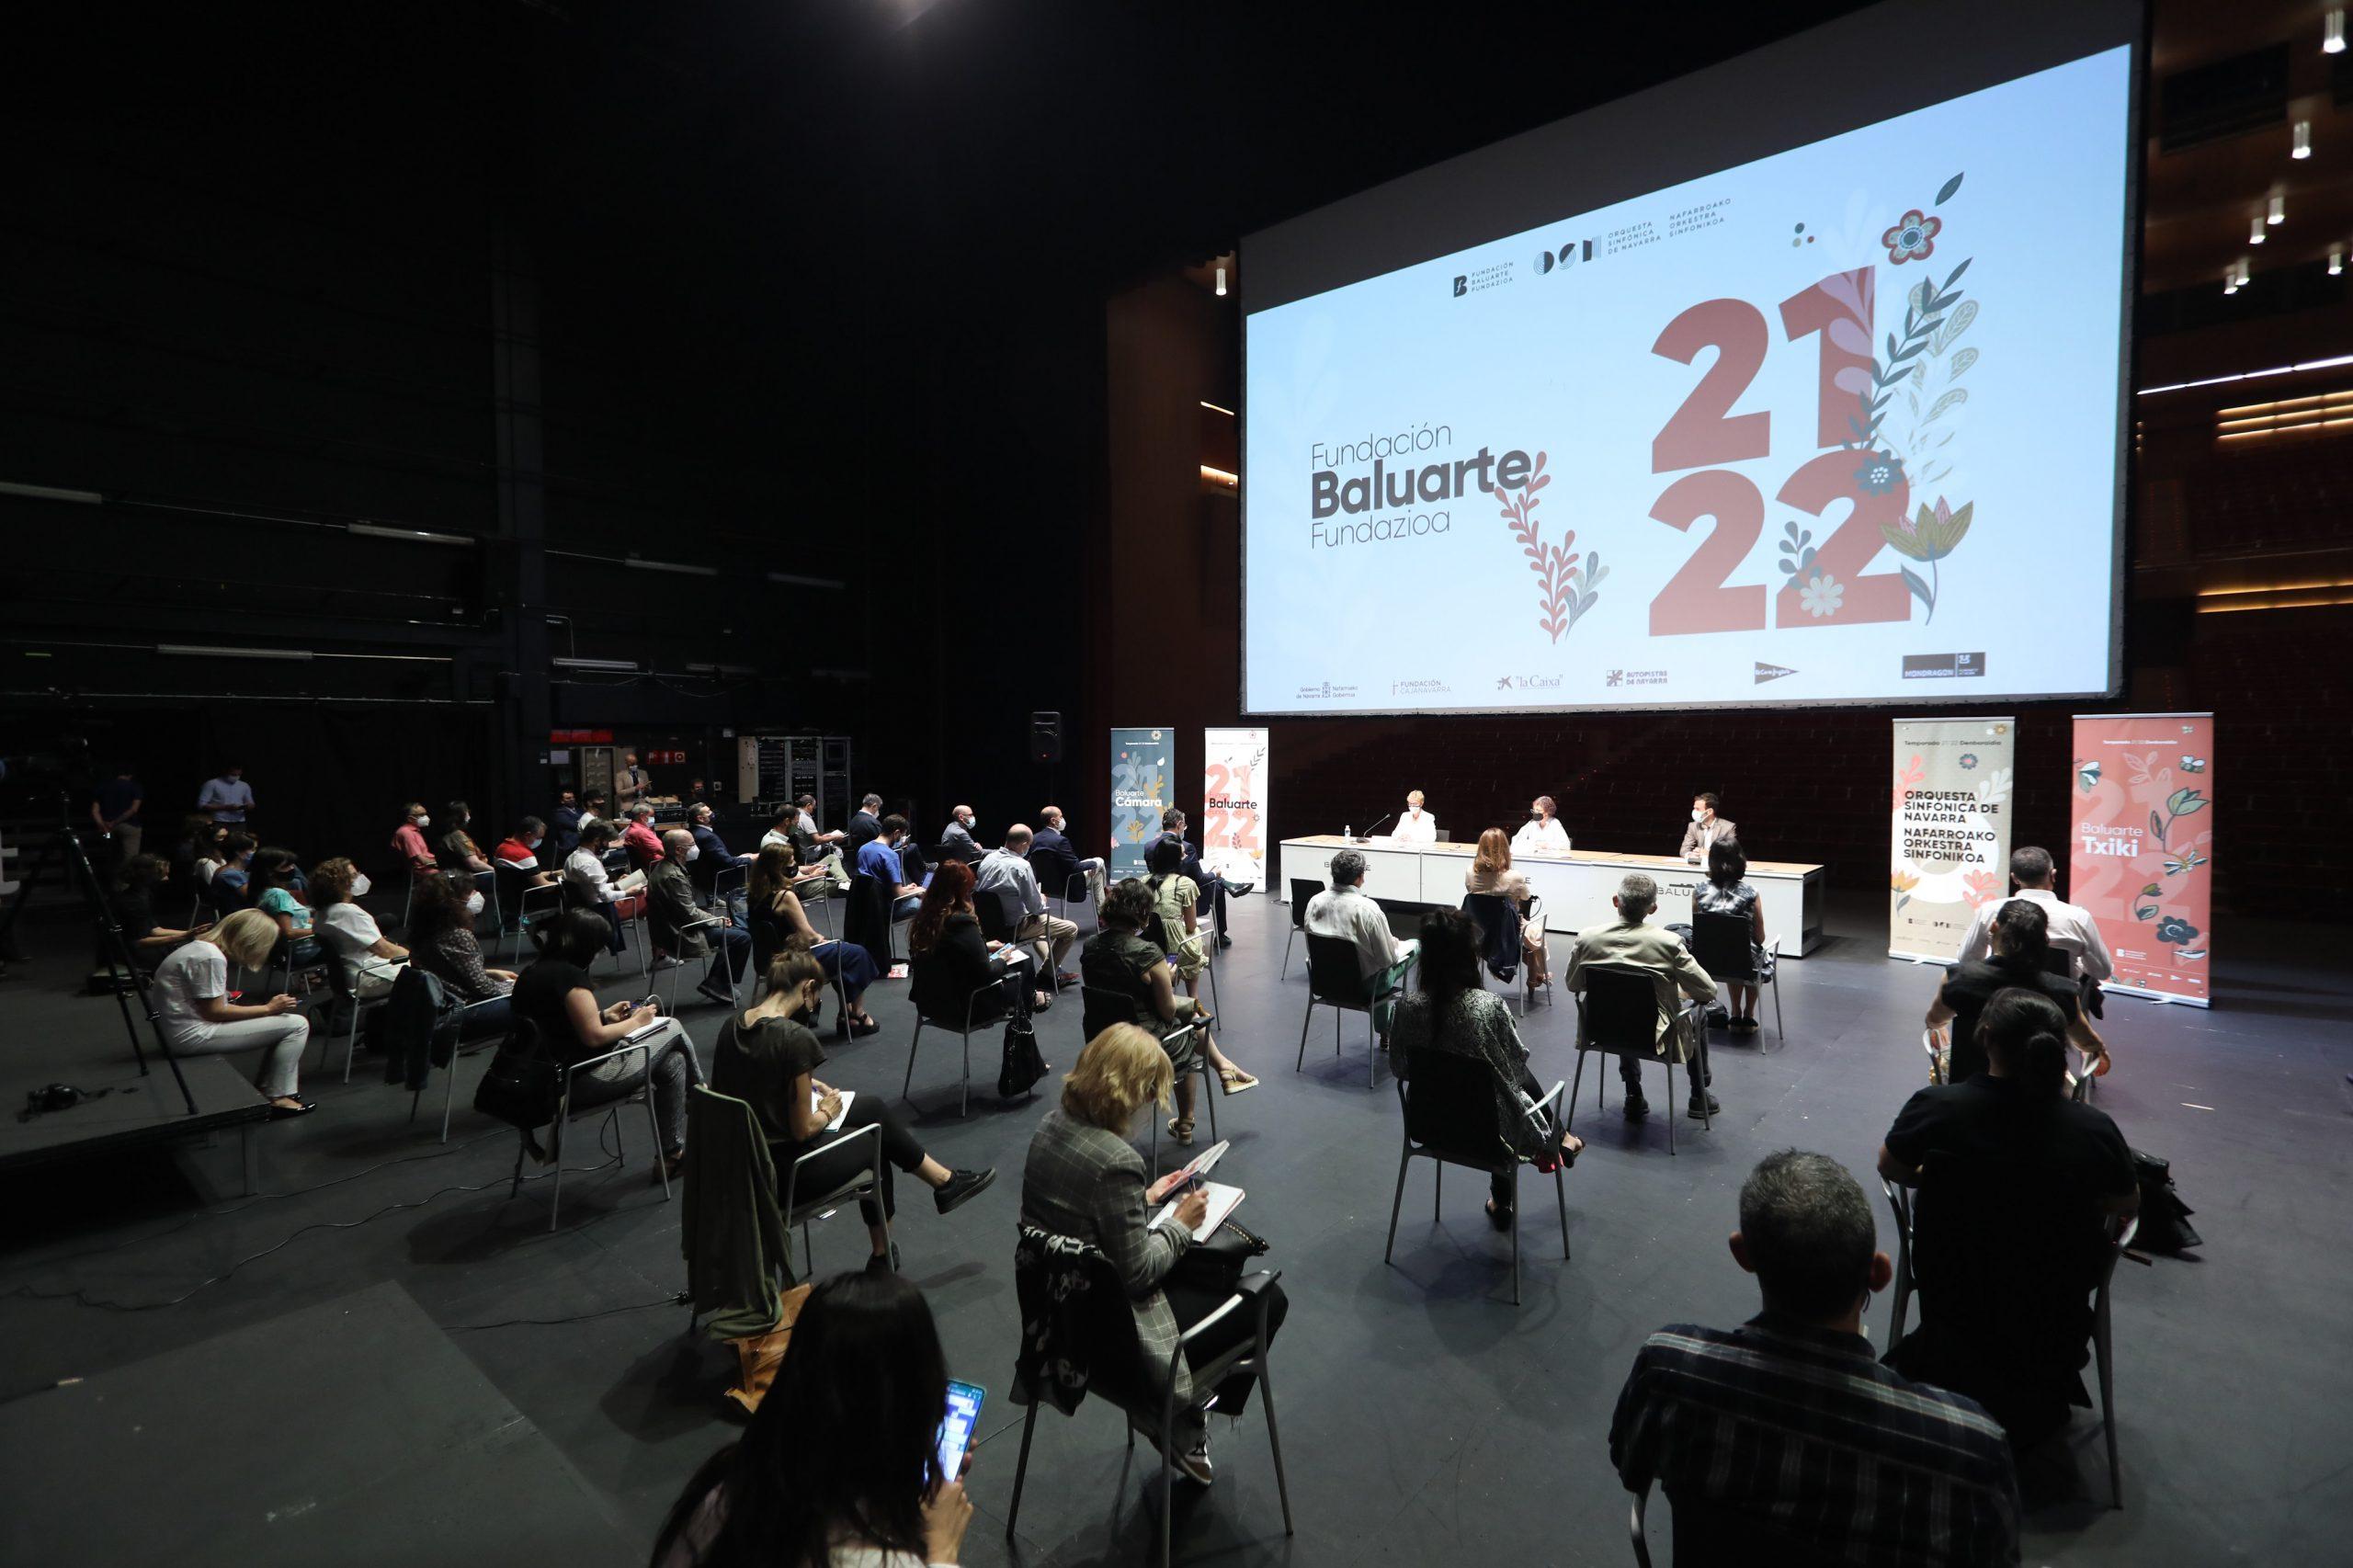 La Fundación Baluarte y la Orquesta Sinfónica de Navarra presentan su temporada 21/22